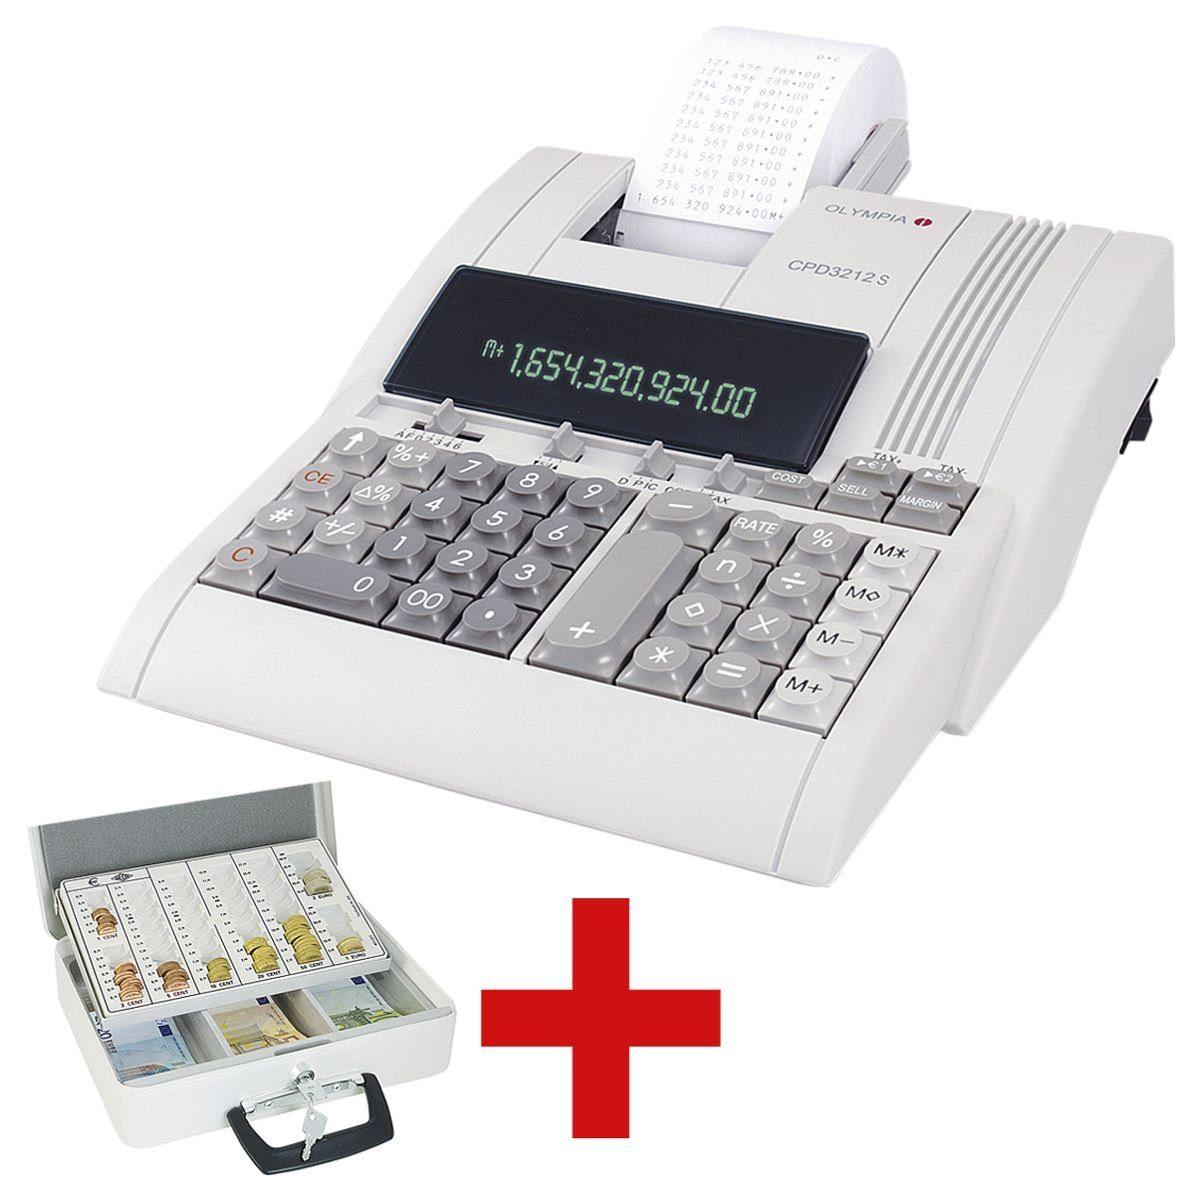 OLYMPIA OFFICE Druckender Tischrechner inkl. Geldkassette »CPD-3212S« 1 Set